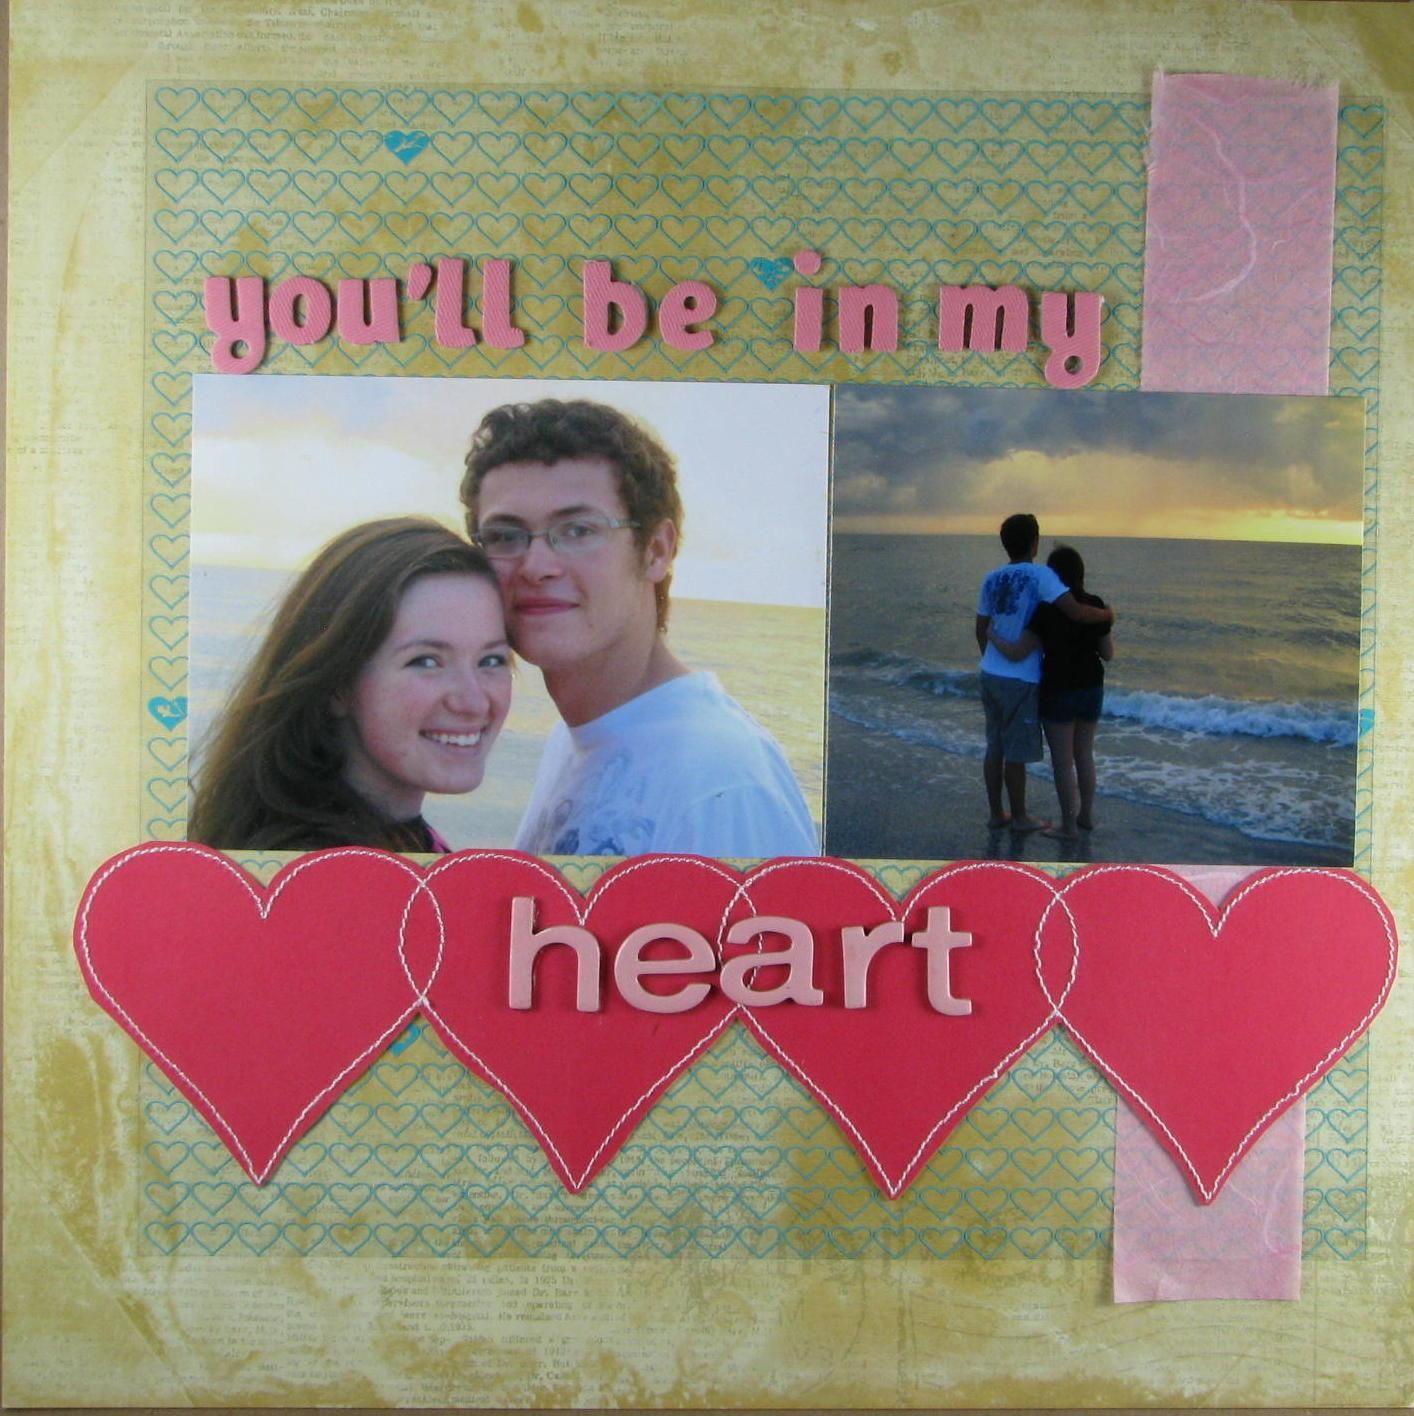 Valentine scrapbook ideas for him - Cute Valentines Ideas For Boyfriend Under 20 Scrapbooking Ideas For Boyfriend And Girlfriend